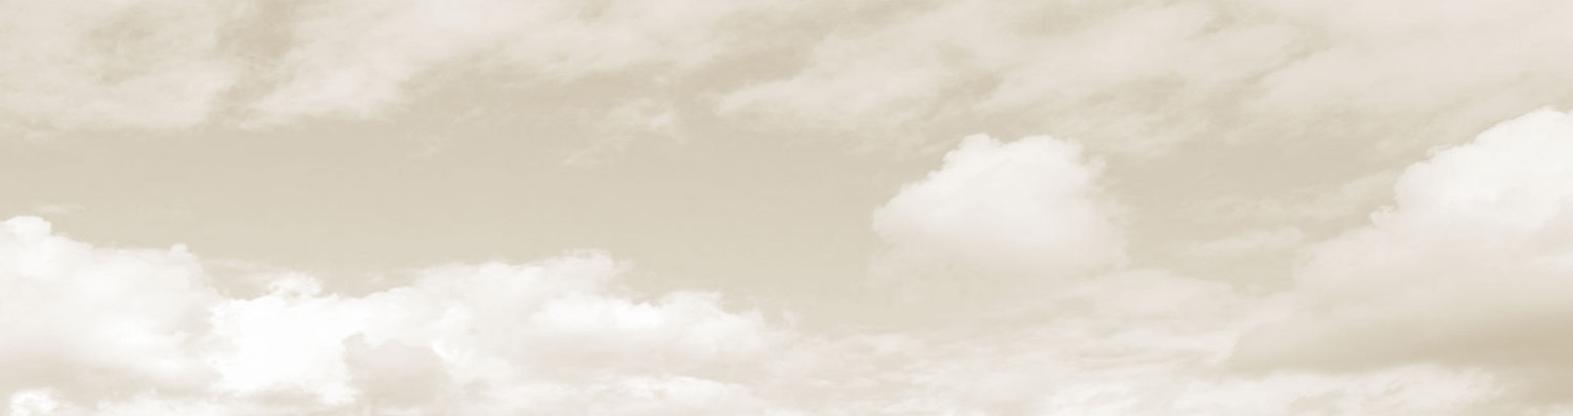 clouds-sepia-stcc